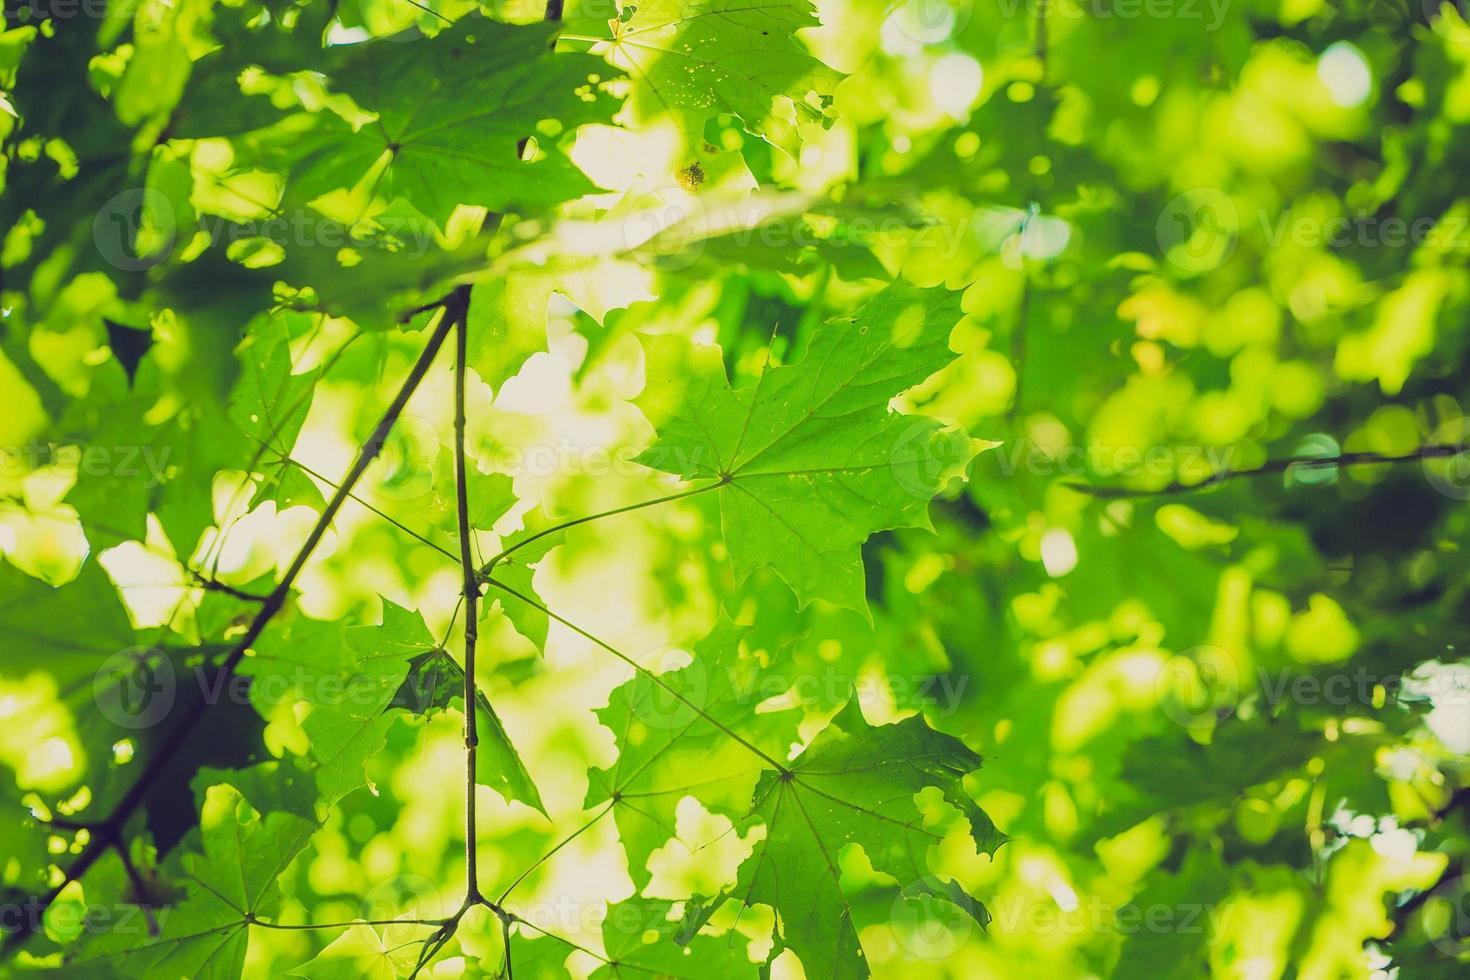 Weinlesefoto des abstrakten Hintergrunds der grünen Äste foto